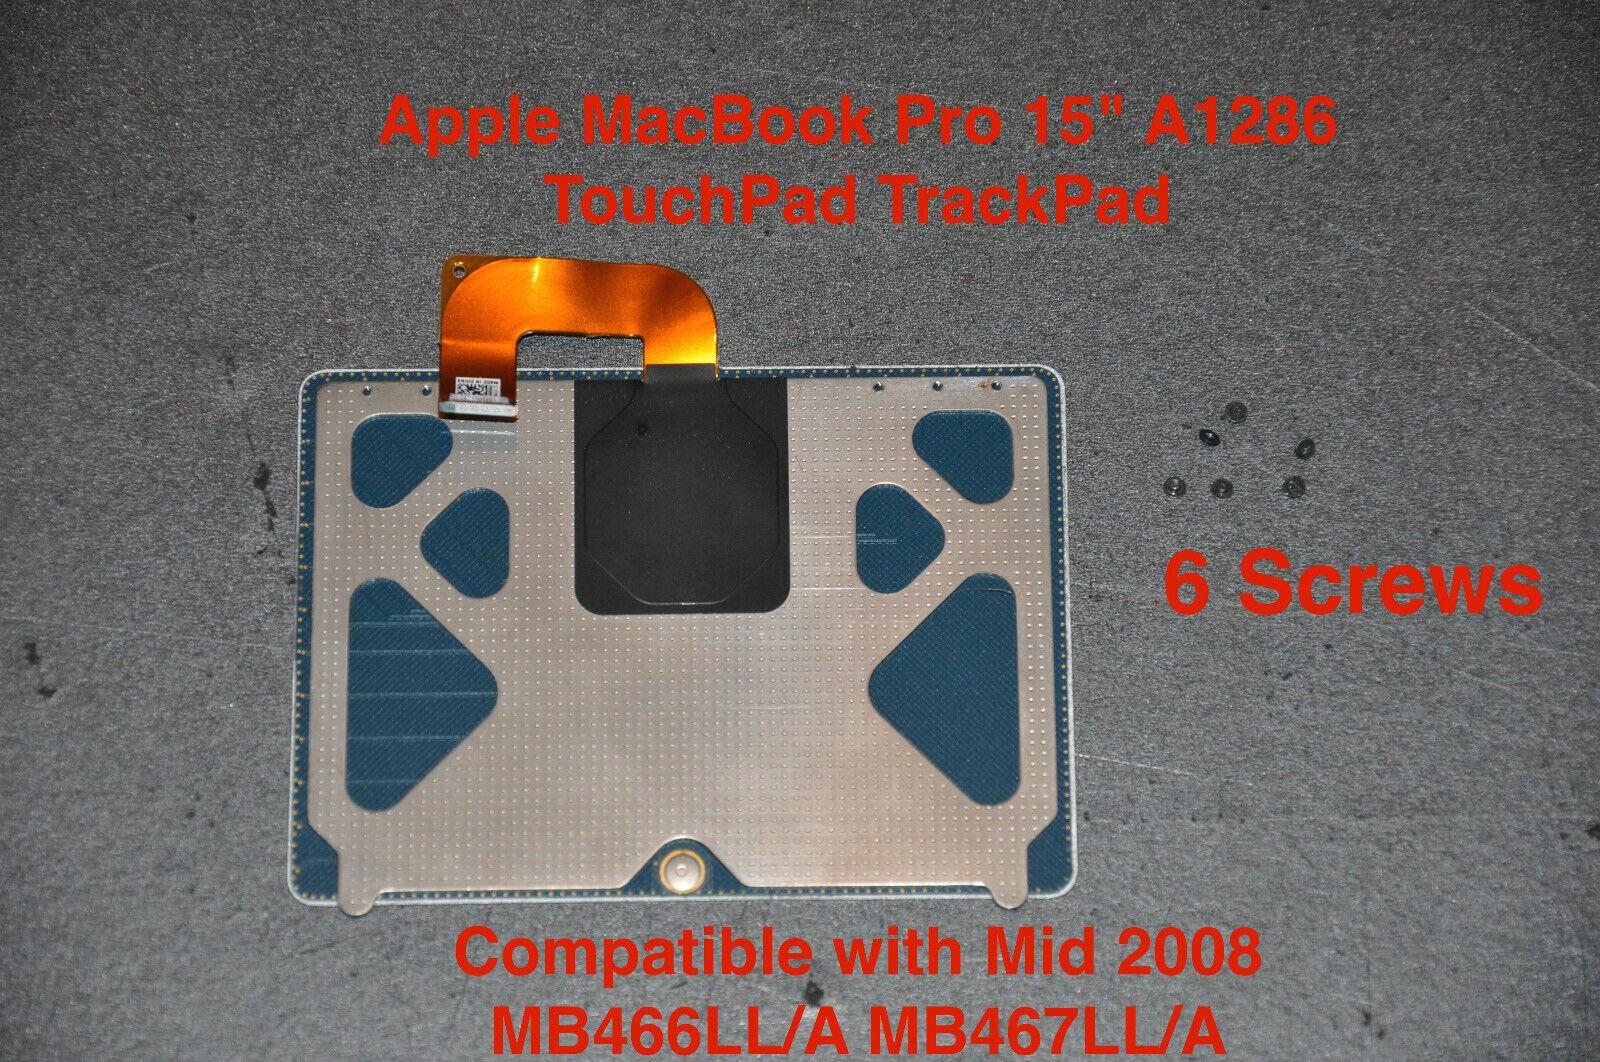 2008 Apple MacBook Pro 15